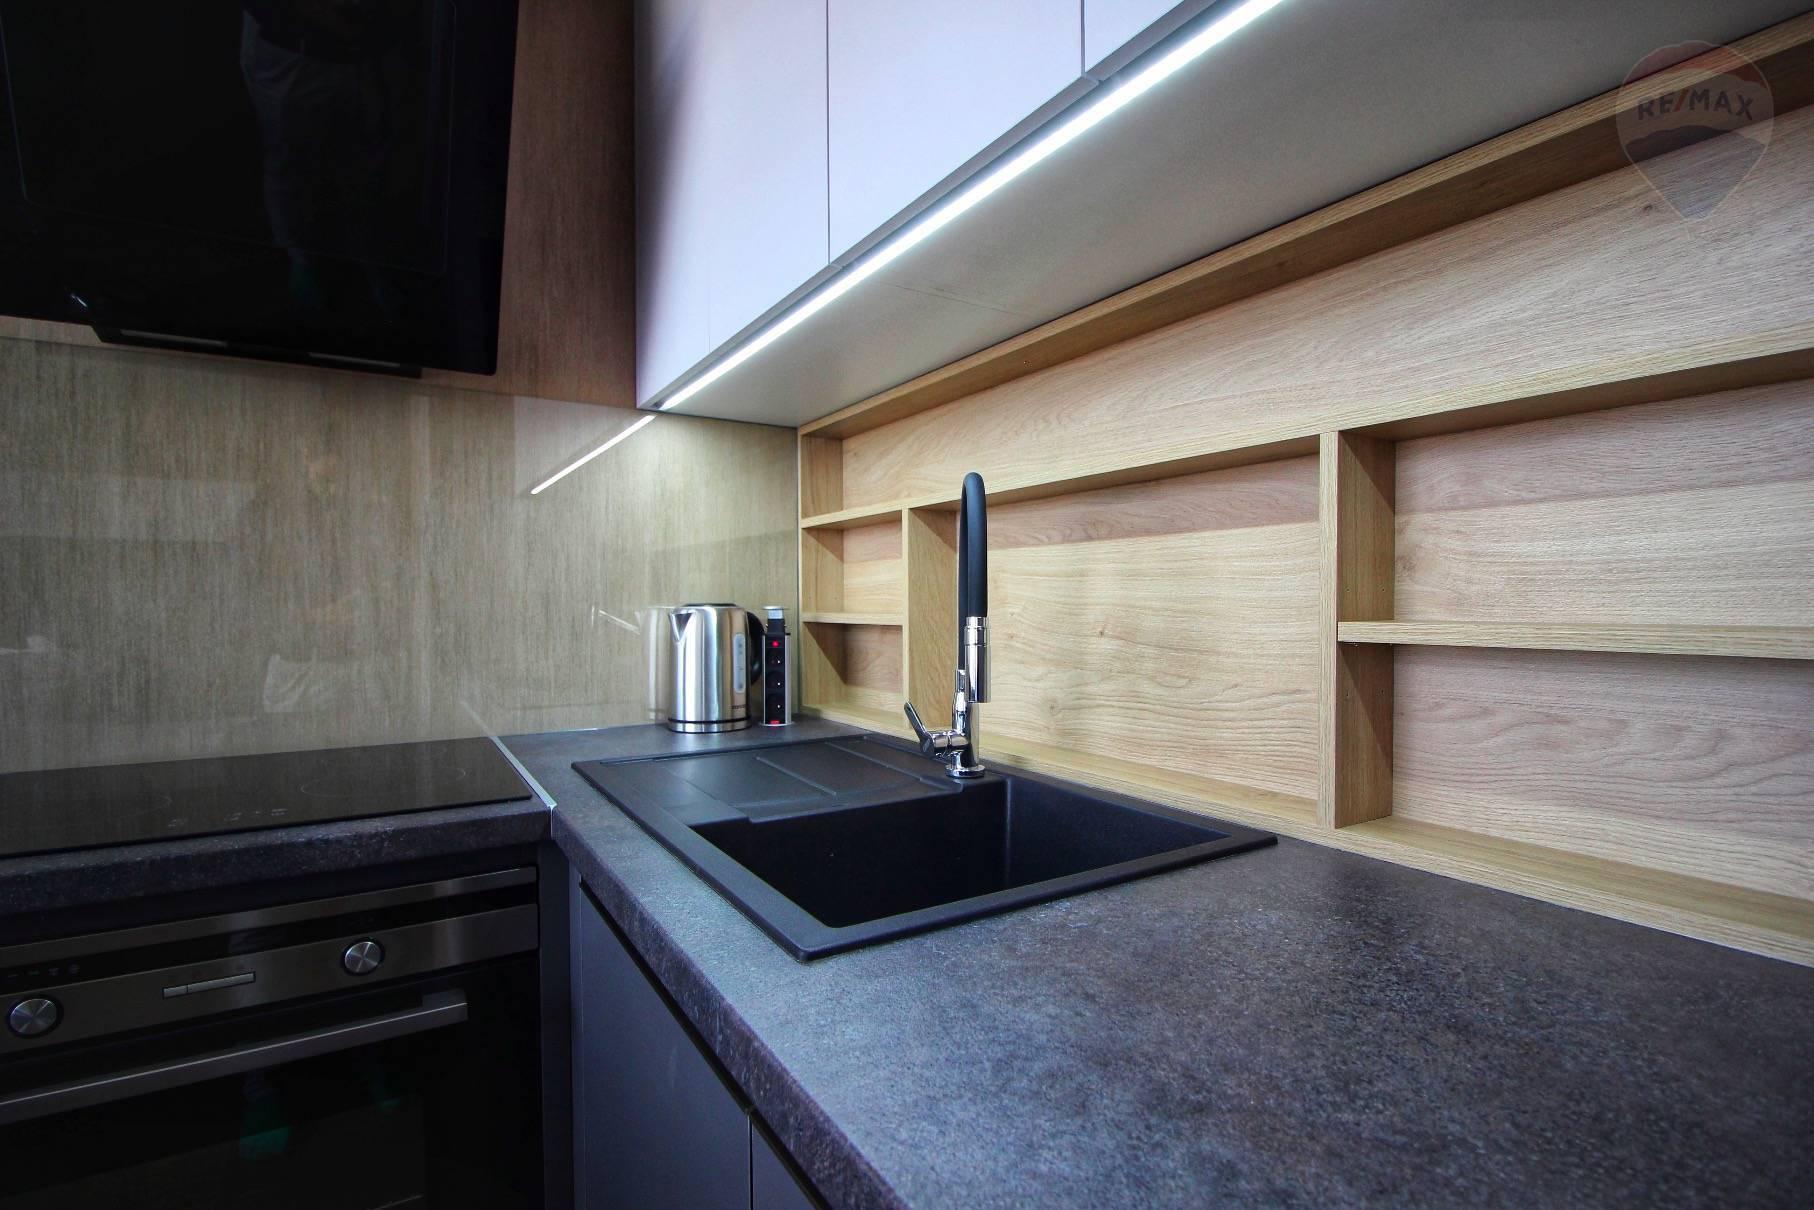 Prenájom bytu (2 izbový) 39 m2, Bratislava - Devínska Nová Ves - ŠTÝLOVÝ A MODERNÝ BYT V NOVOSTAVBE - EŠTE NEOBÝVANÝ - ZARIADENÝ - Bory Bývanie - Top ponuka - Kuchyňa